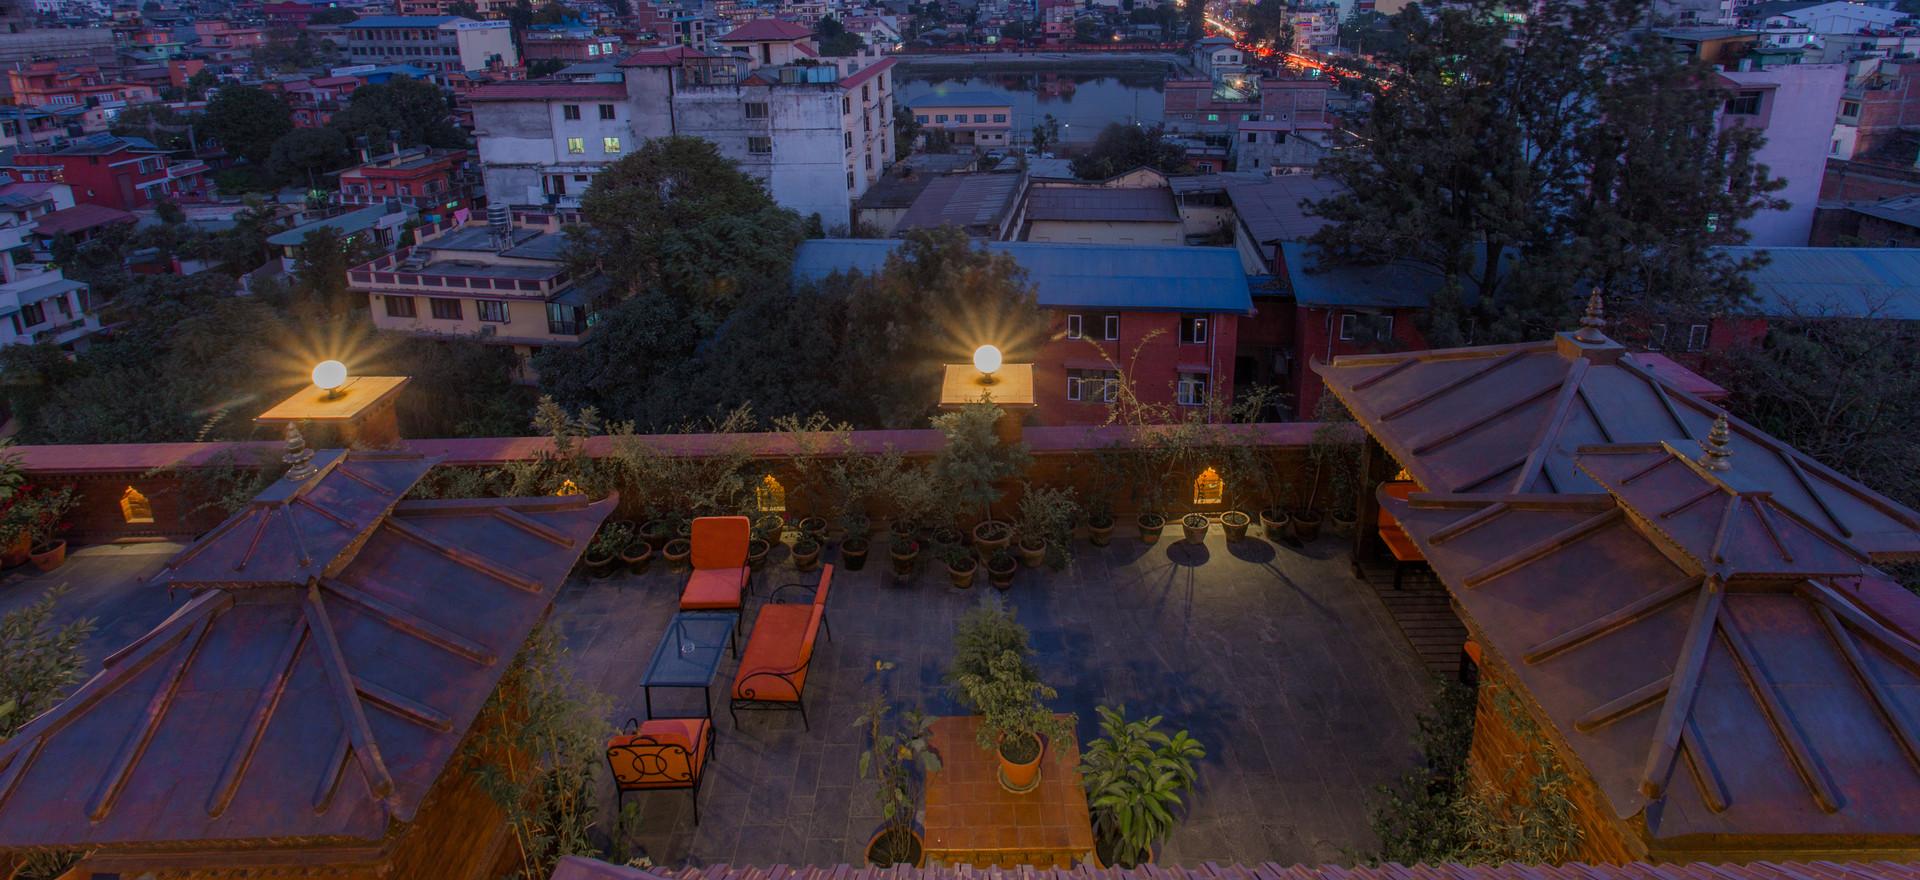 Uitzicht dakterras Traditional Comfort Hotel